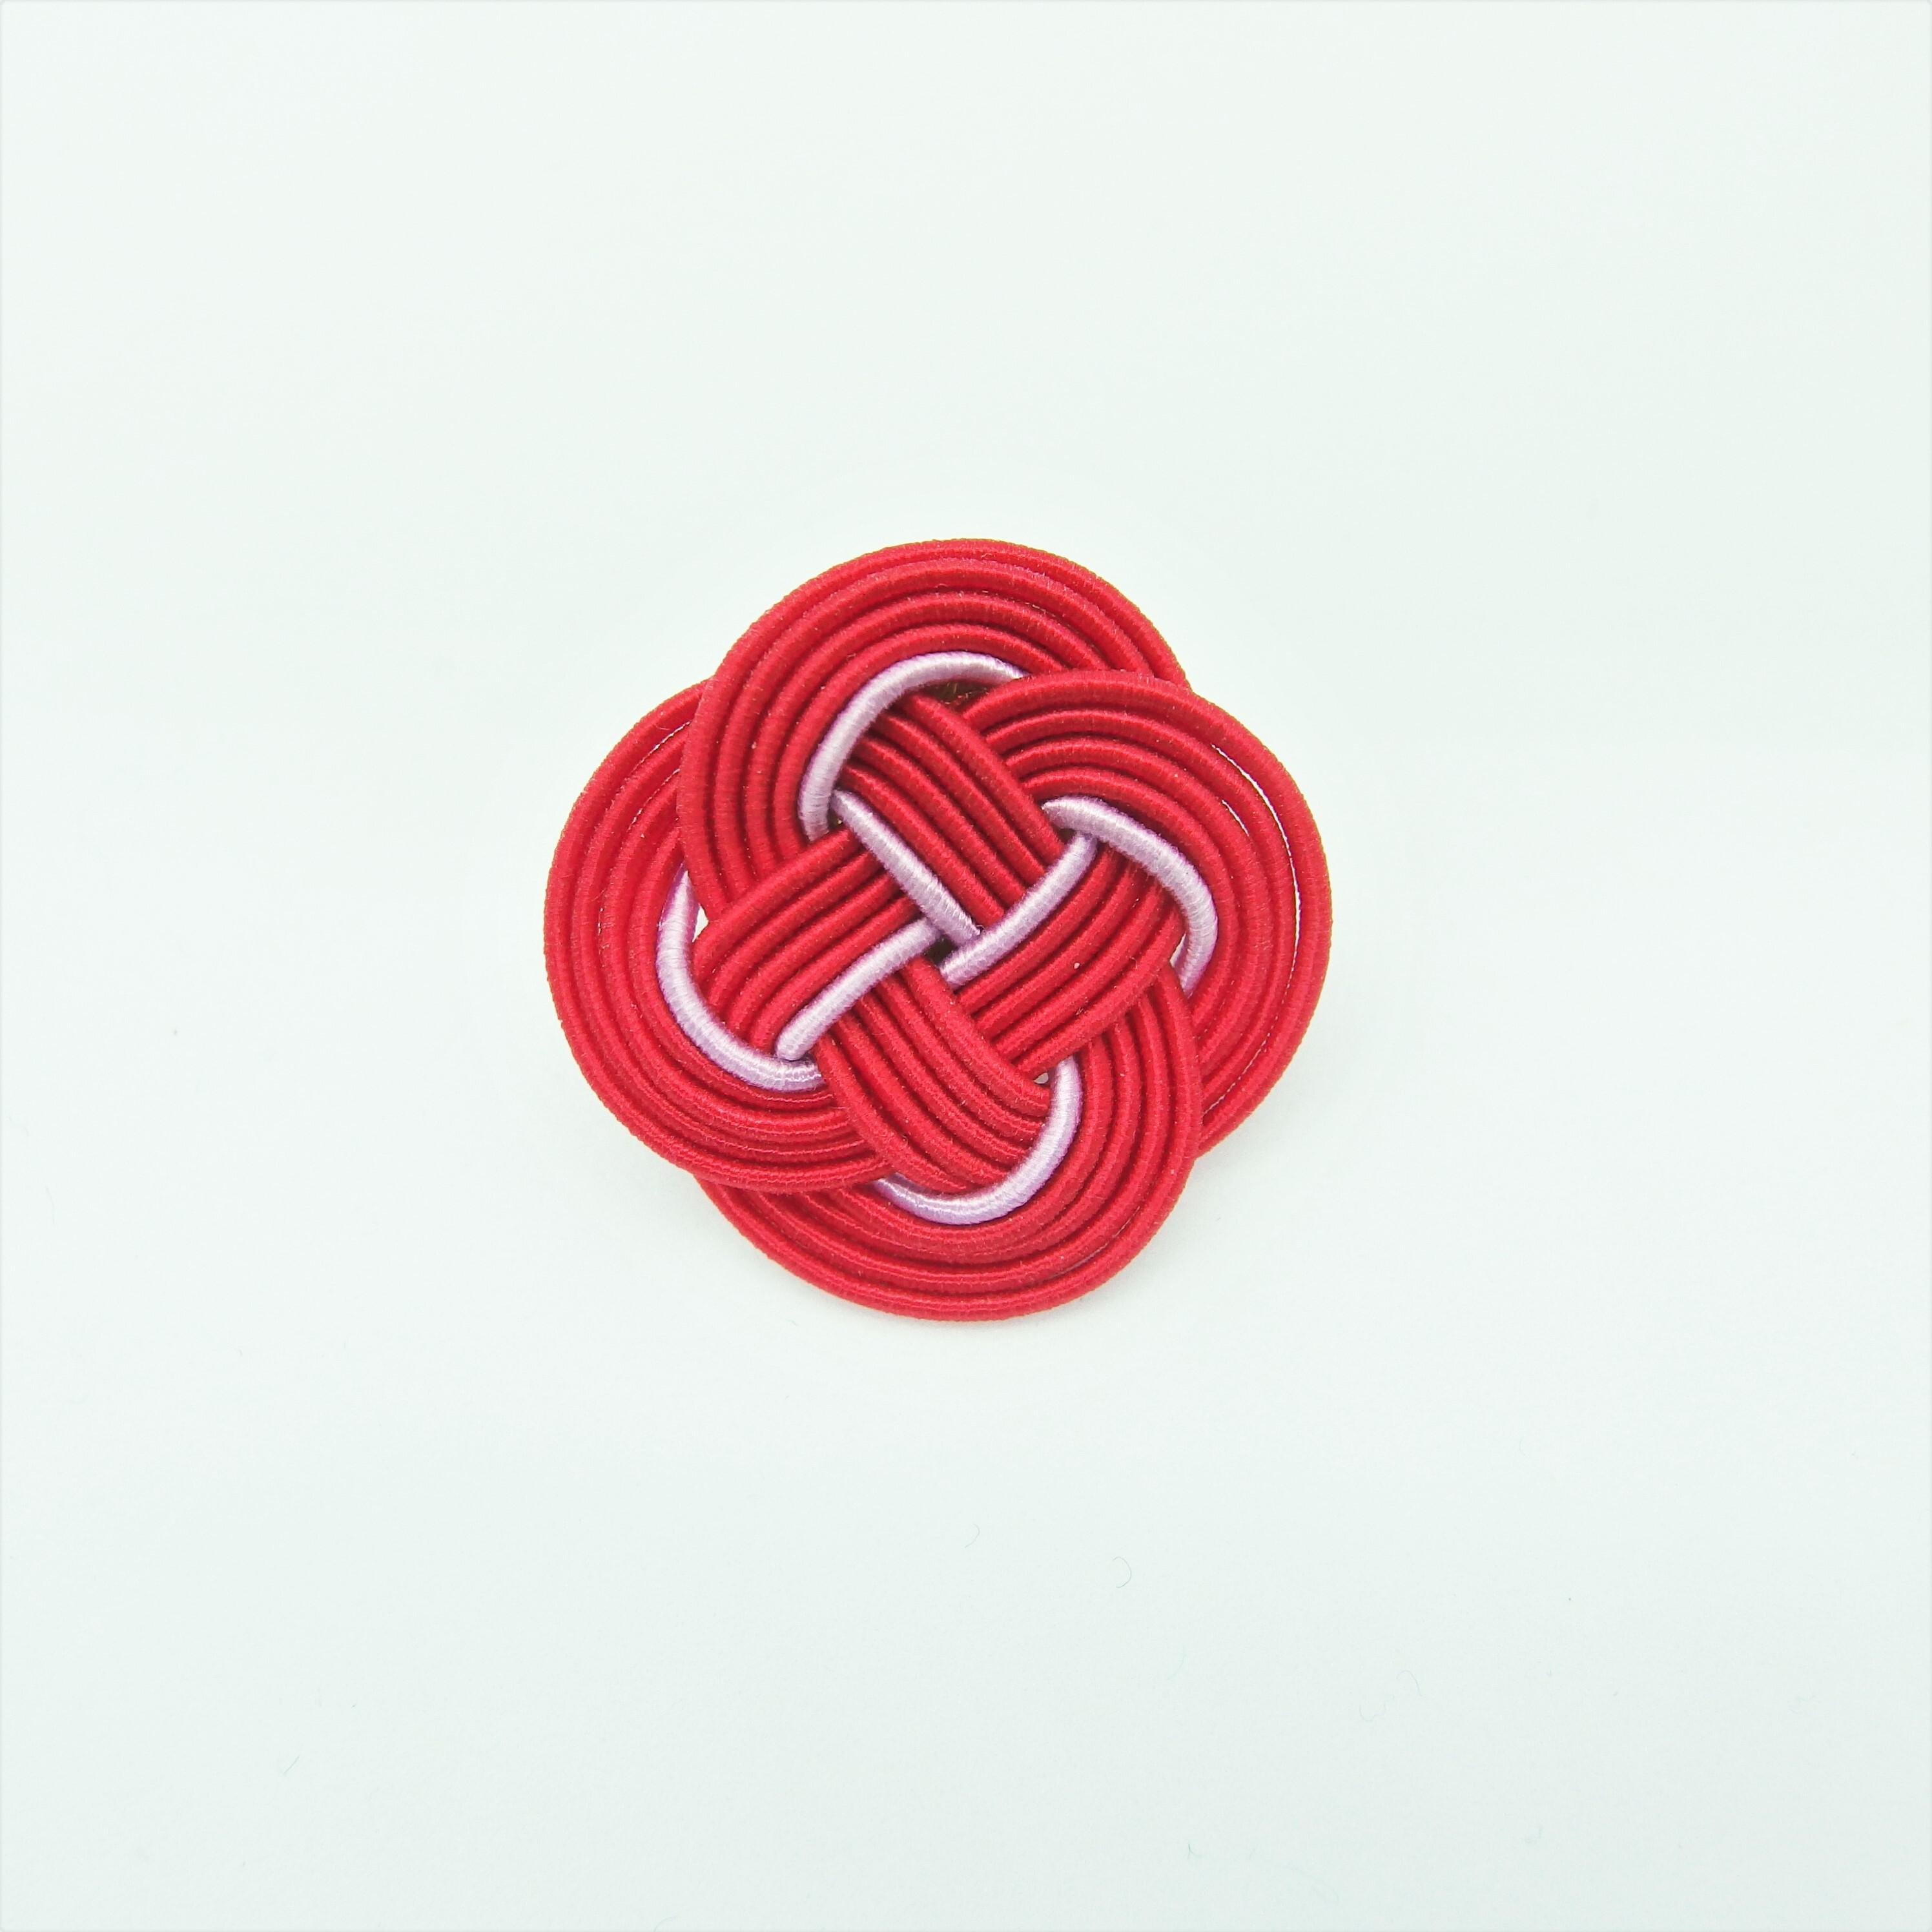 ひとひらピアス〈片耳〉 *赤×淡藤